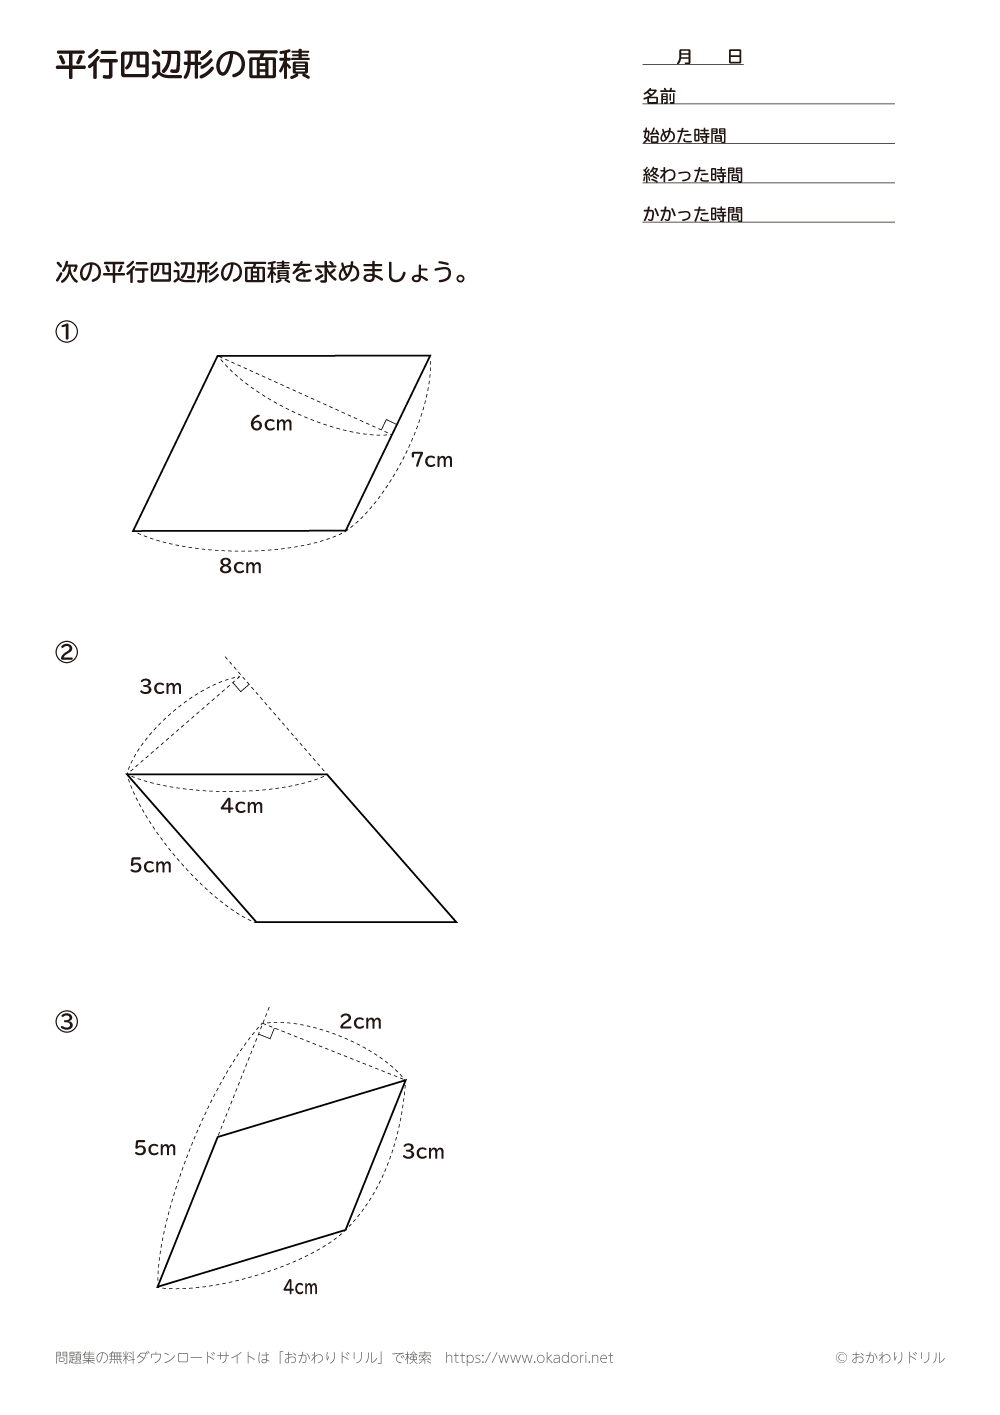 平行四辺形の面積5